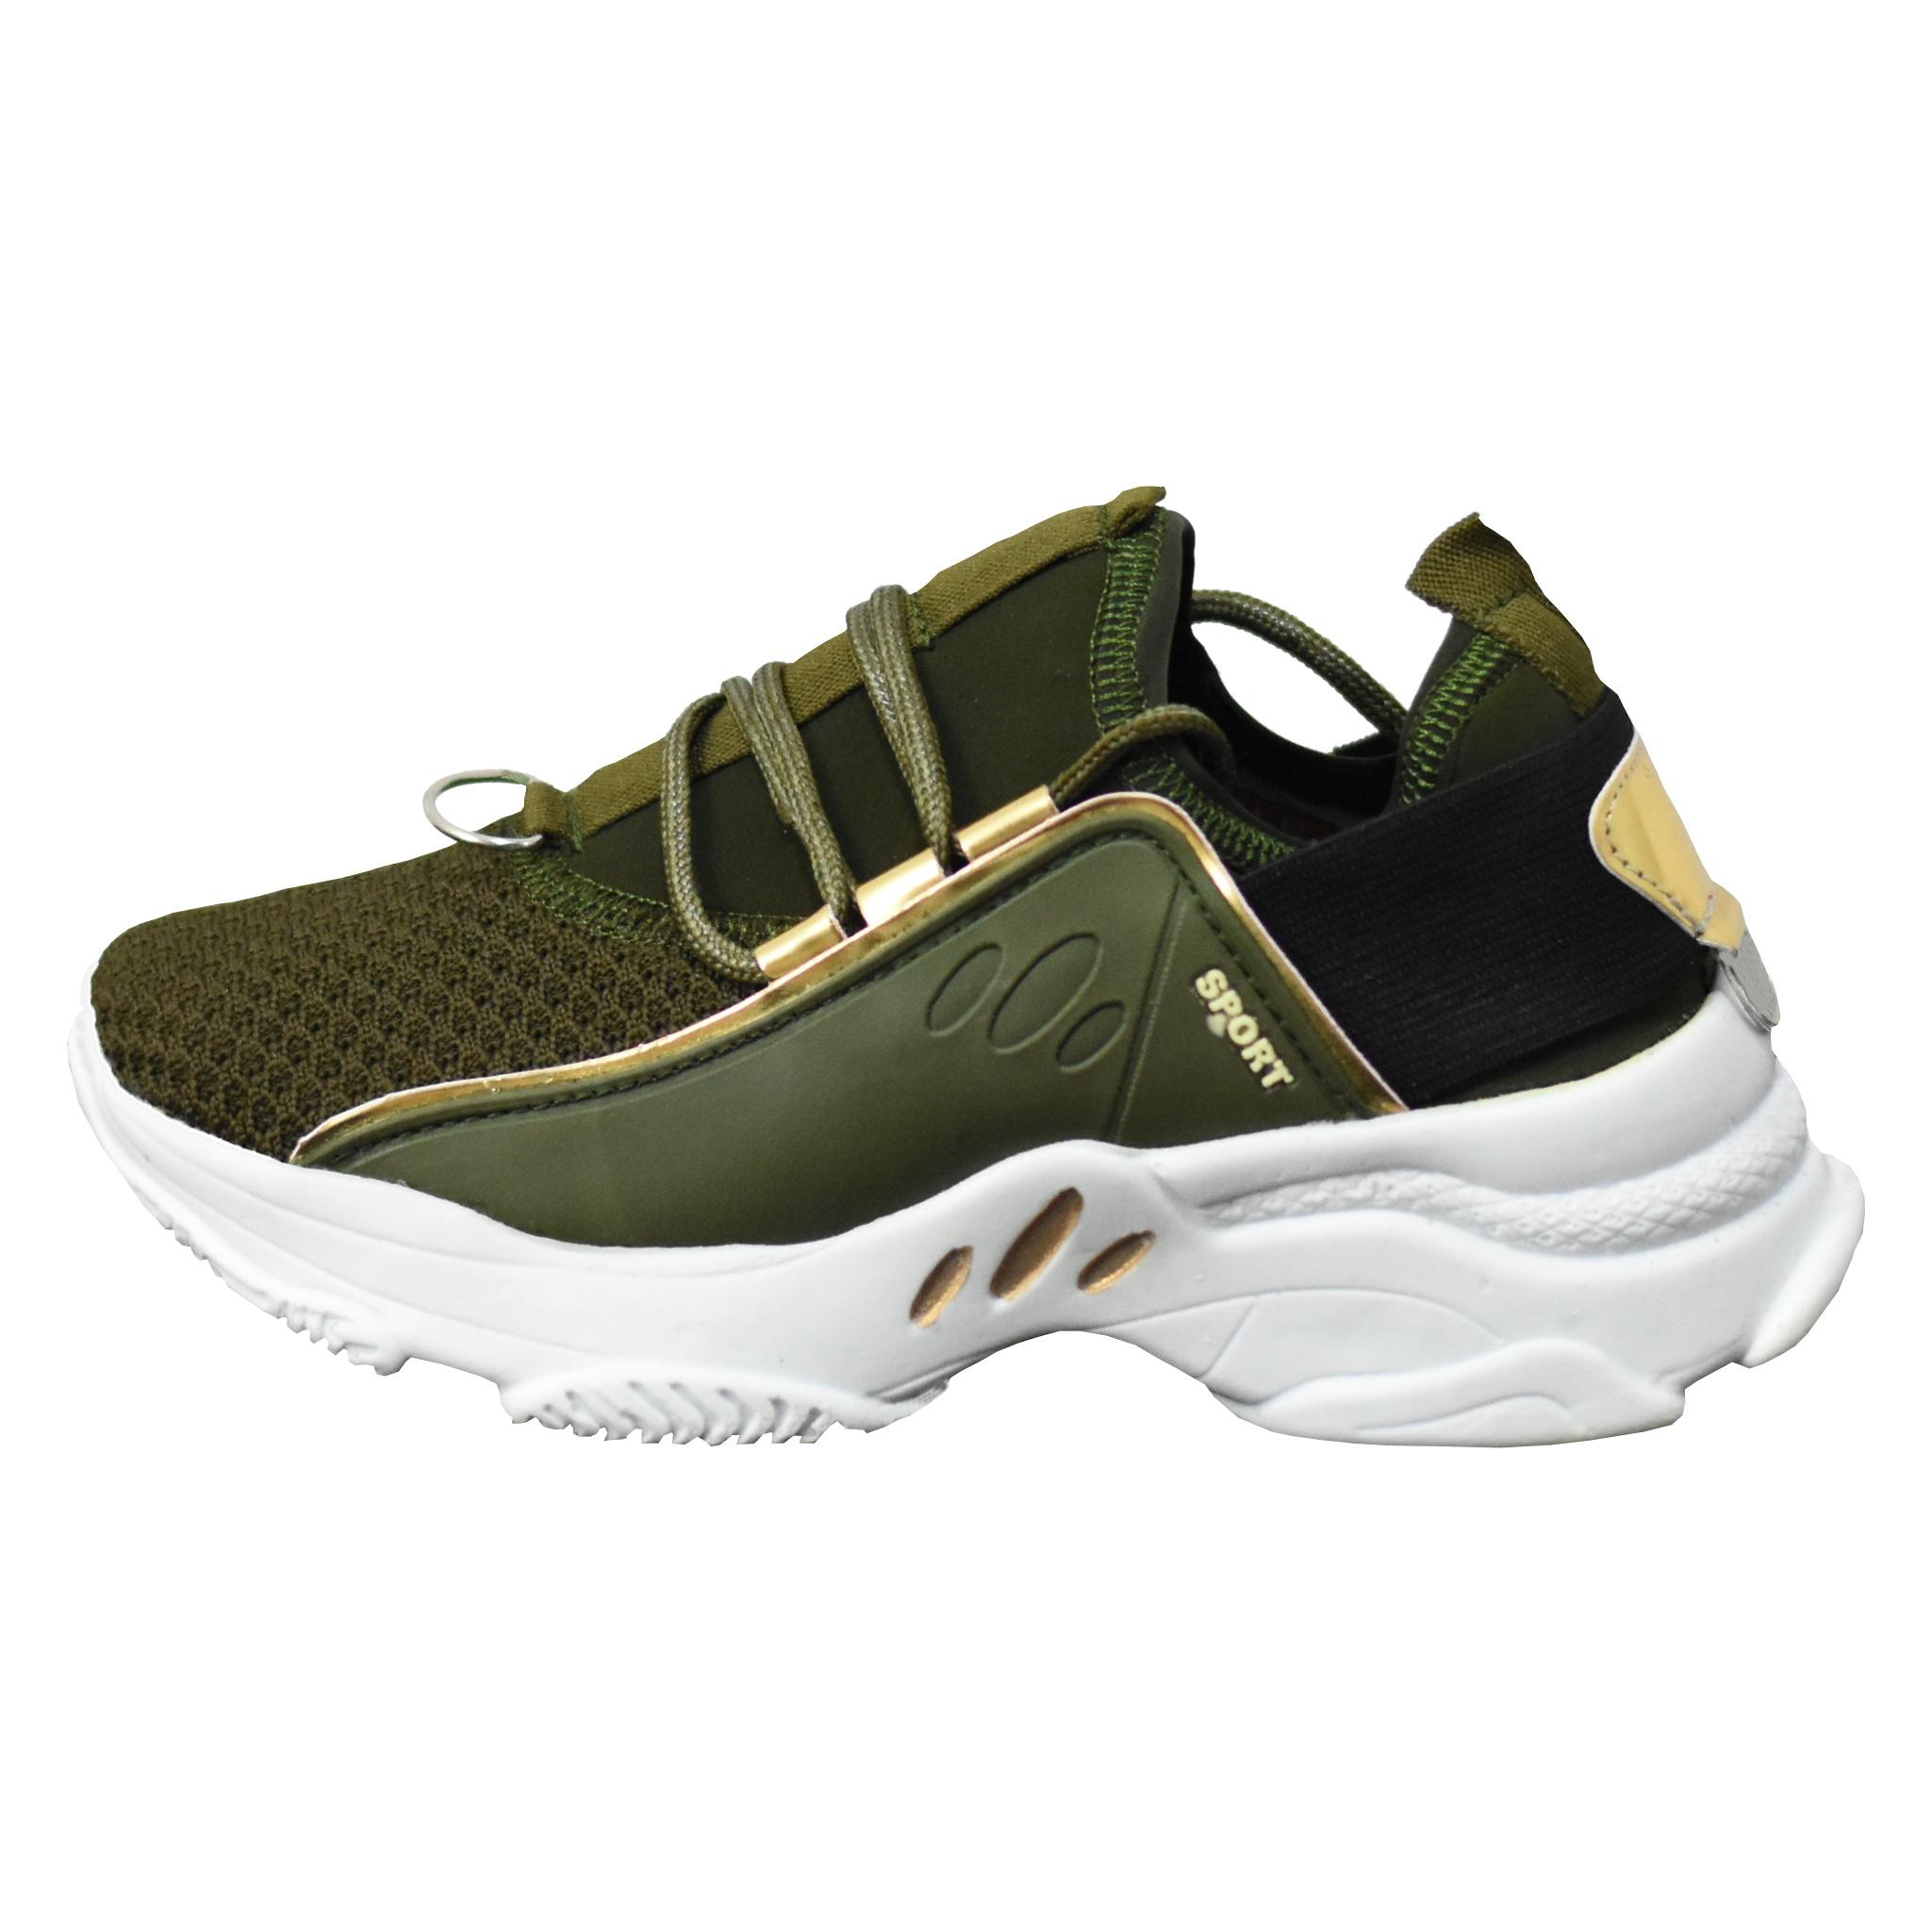 کفش مخصوص پیاده روی زنانه کد 271